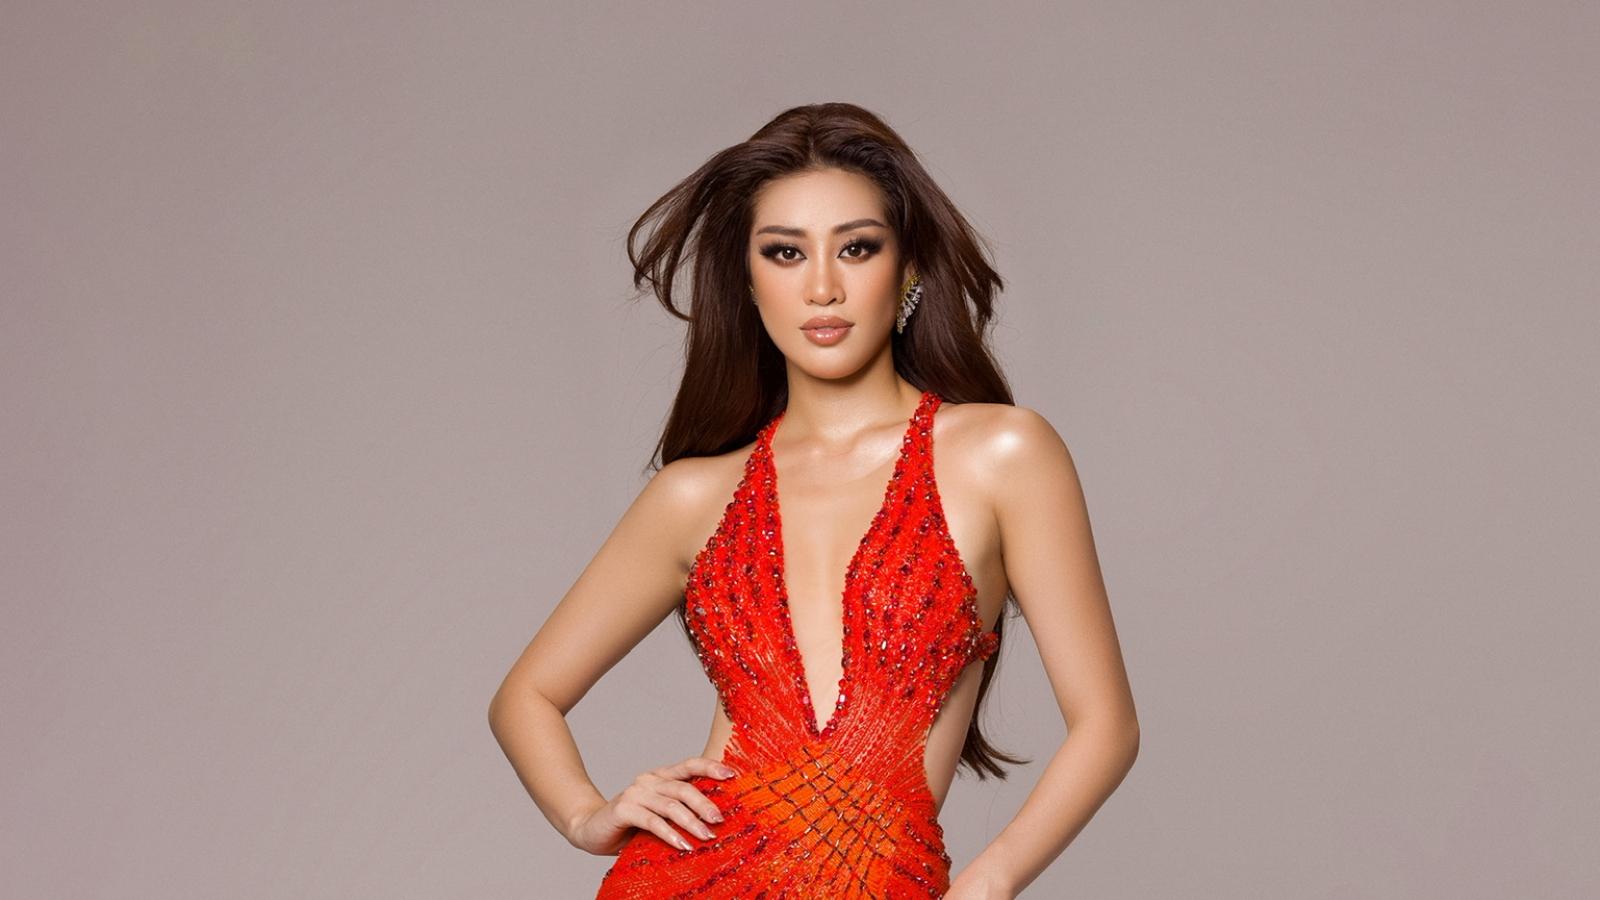 Hé lộ trang phục dạ hội của Hoa hậu Khánh Vân trong đêm chung kết Miss Universe